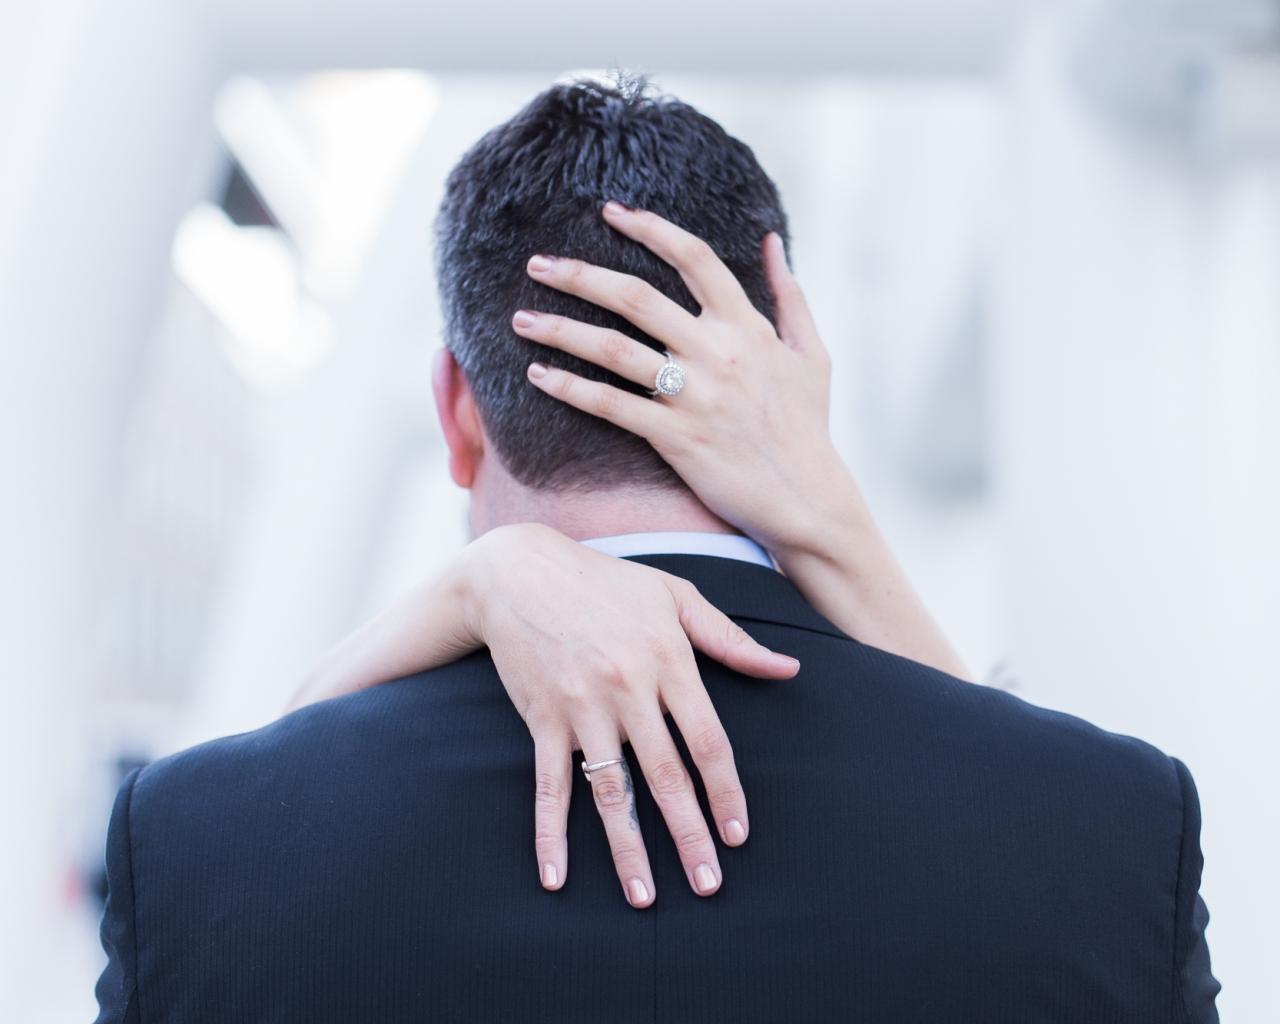 Pareja de novios abrazados - 1280x1024